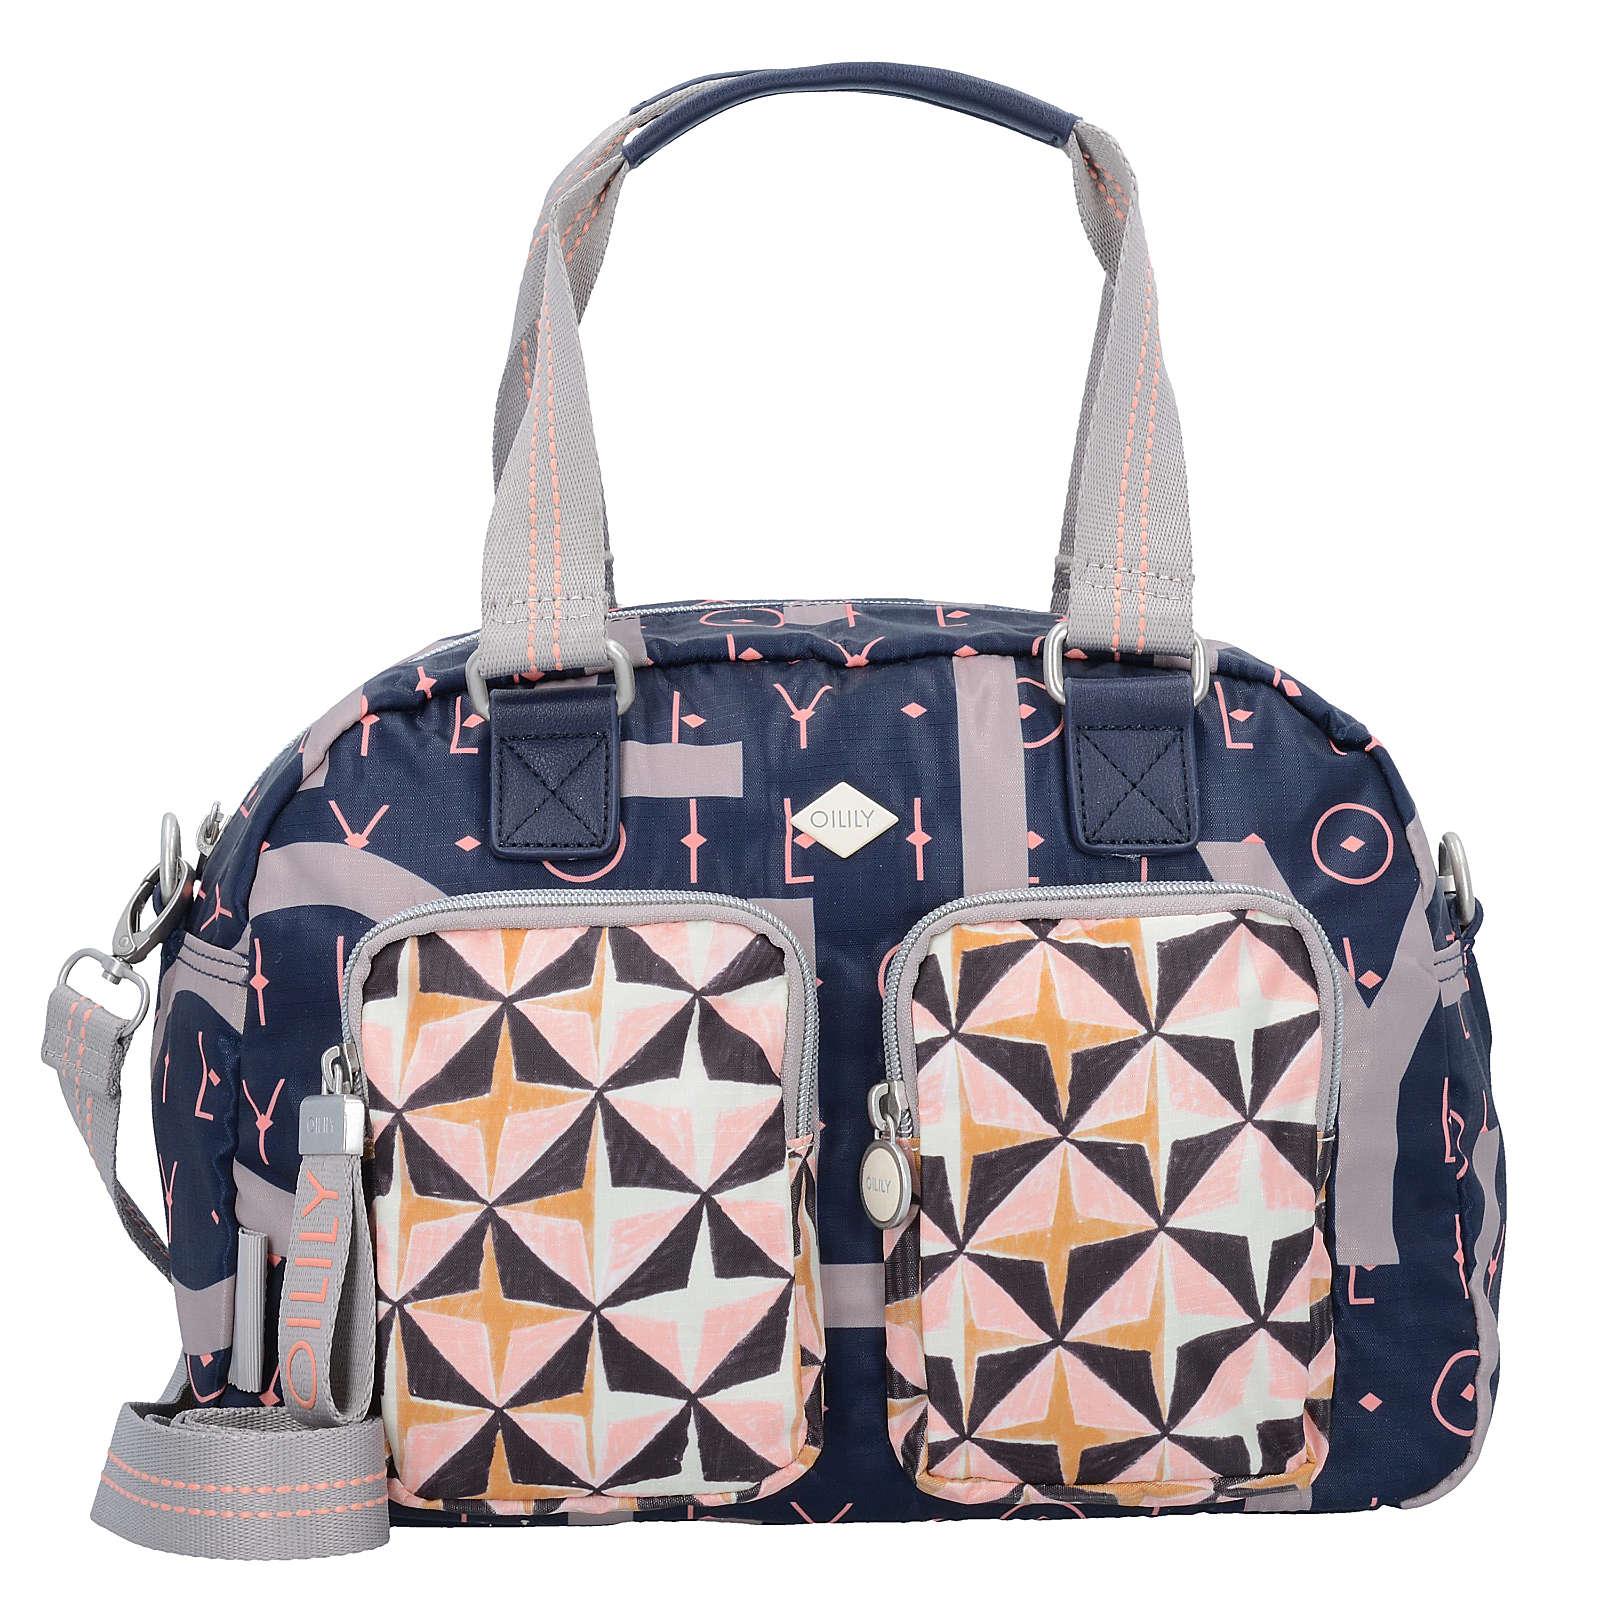 Oilily Charm Handtaschen mehrfarbig Damen